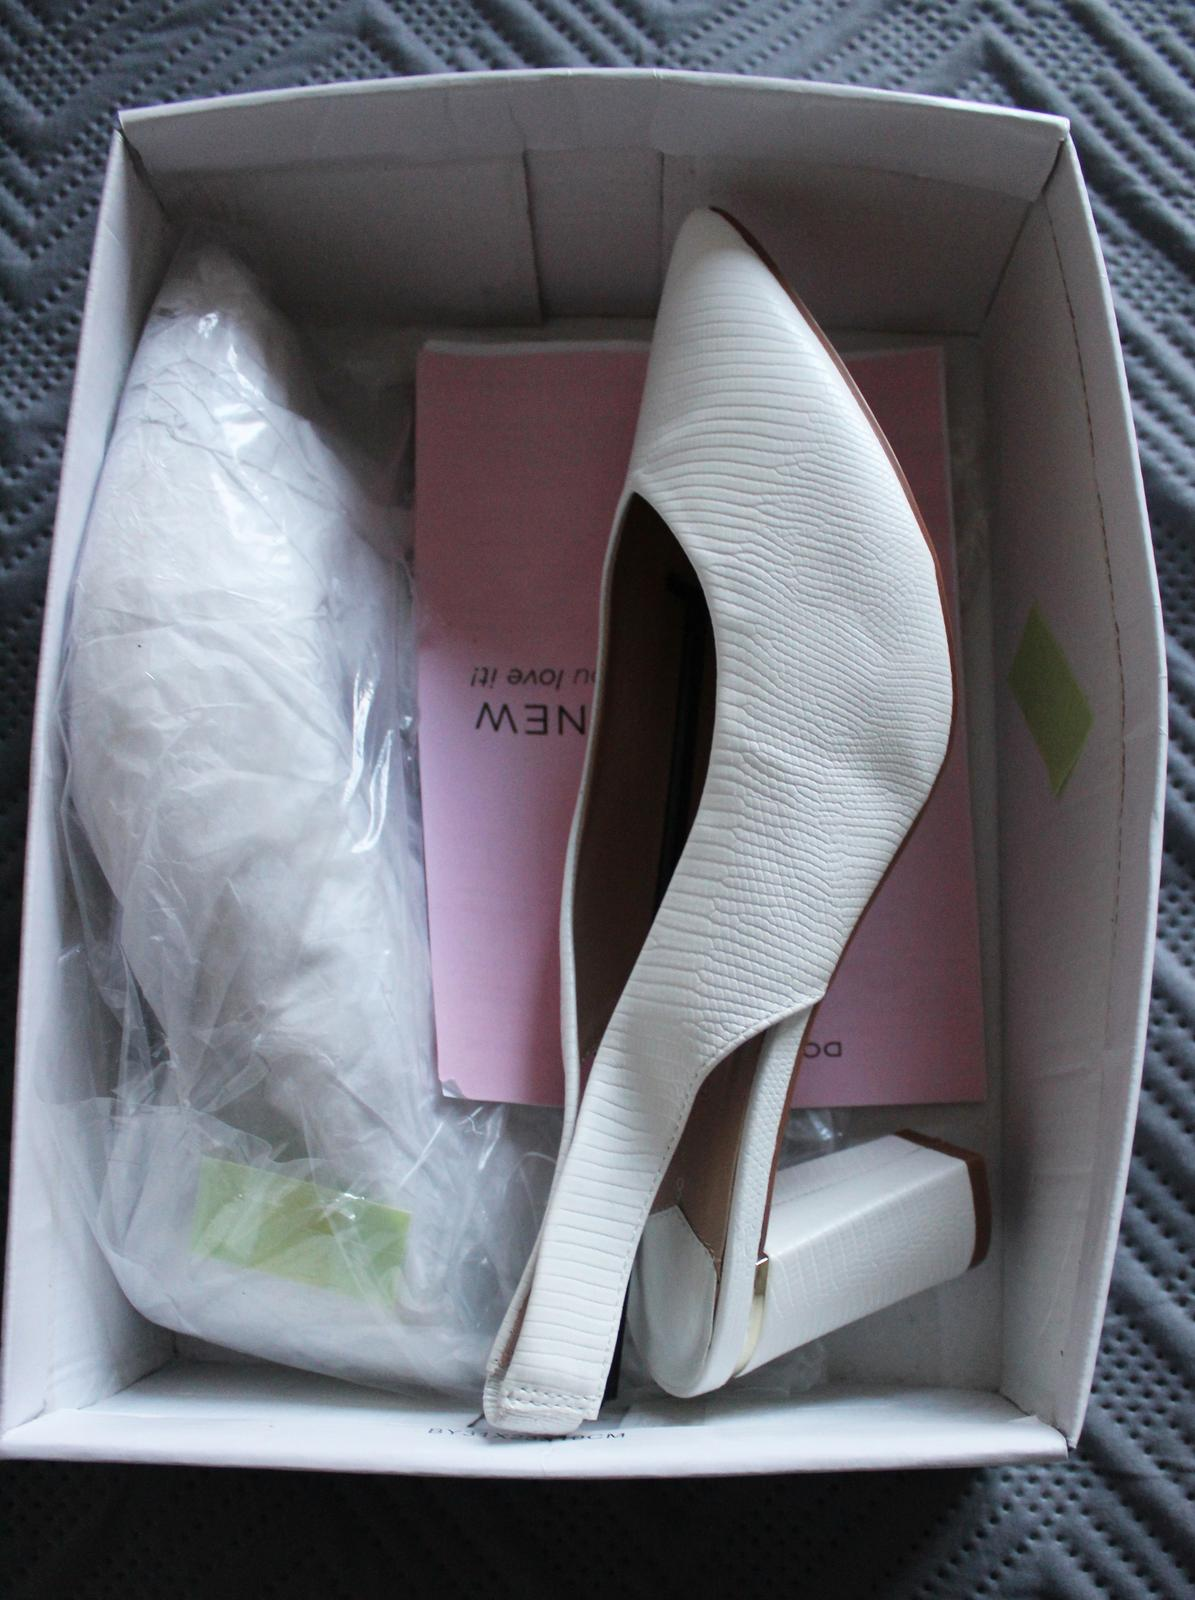 Svadobné topánky veľkosť 41-42 - Obrázok č. 2